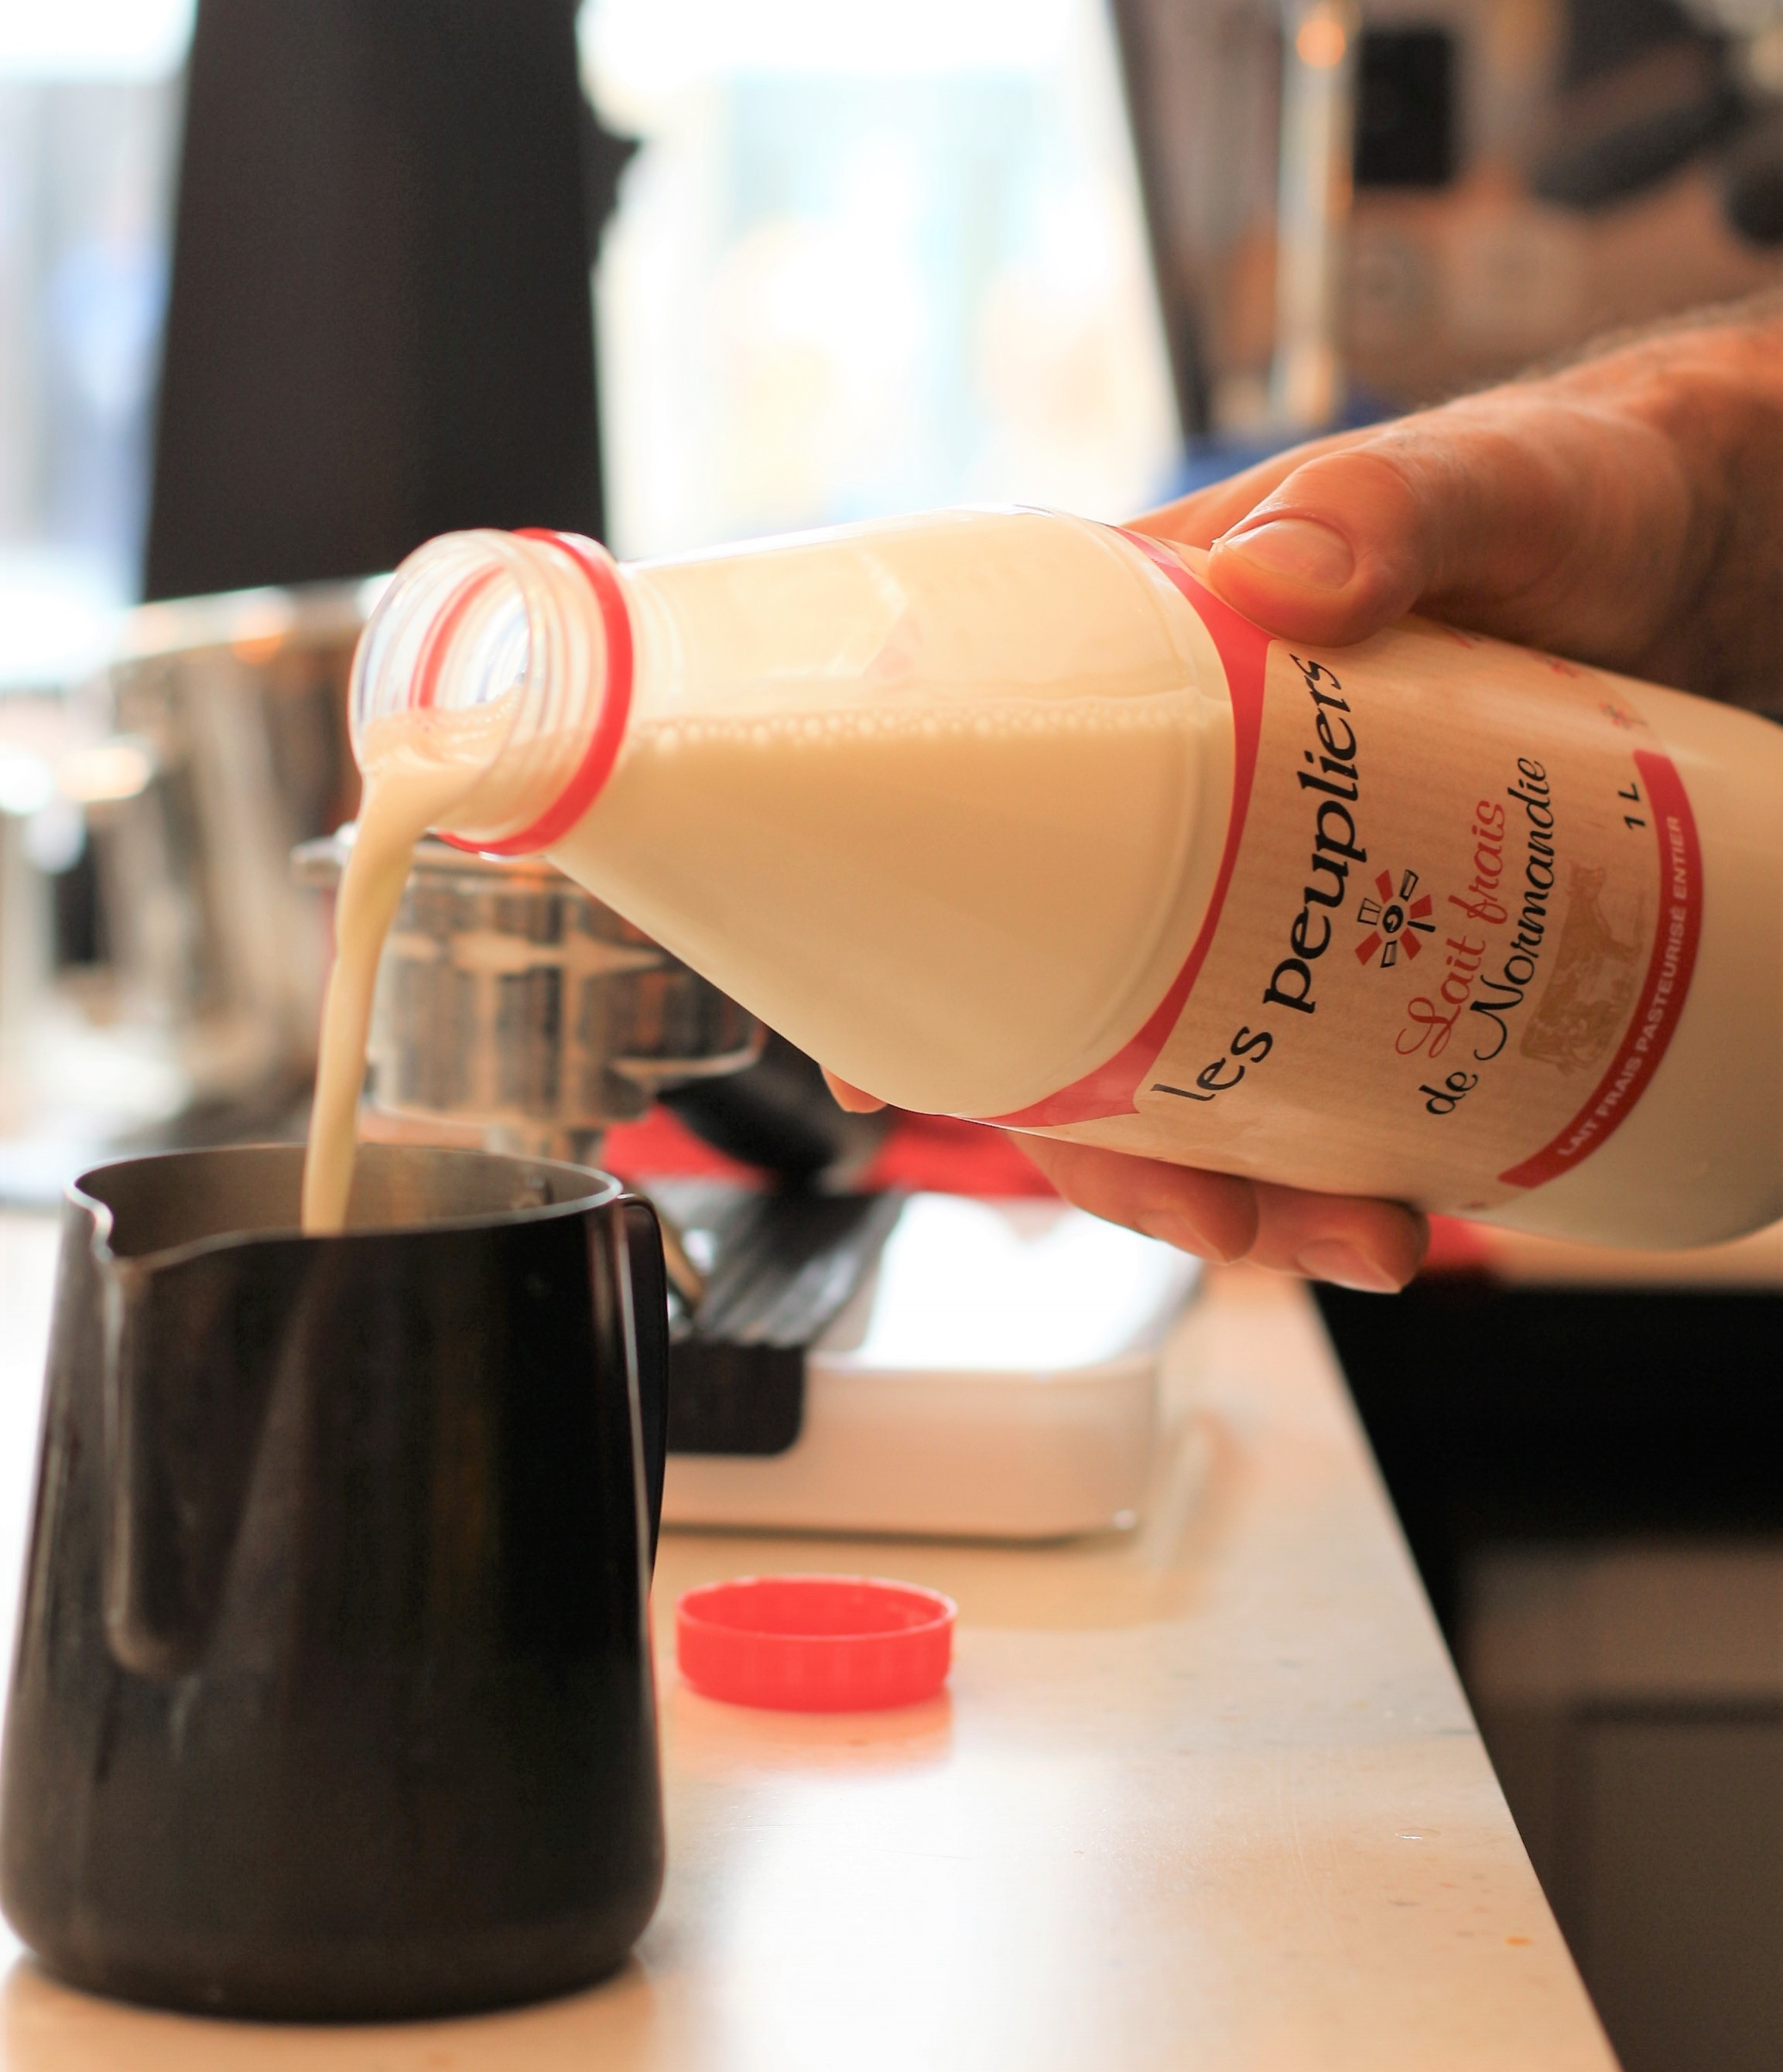 Leur lait riche en saveurs et presque sucré met en valeur la richesse aromatique de notre café en lui apportant une note de noisettes et de caramel.